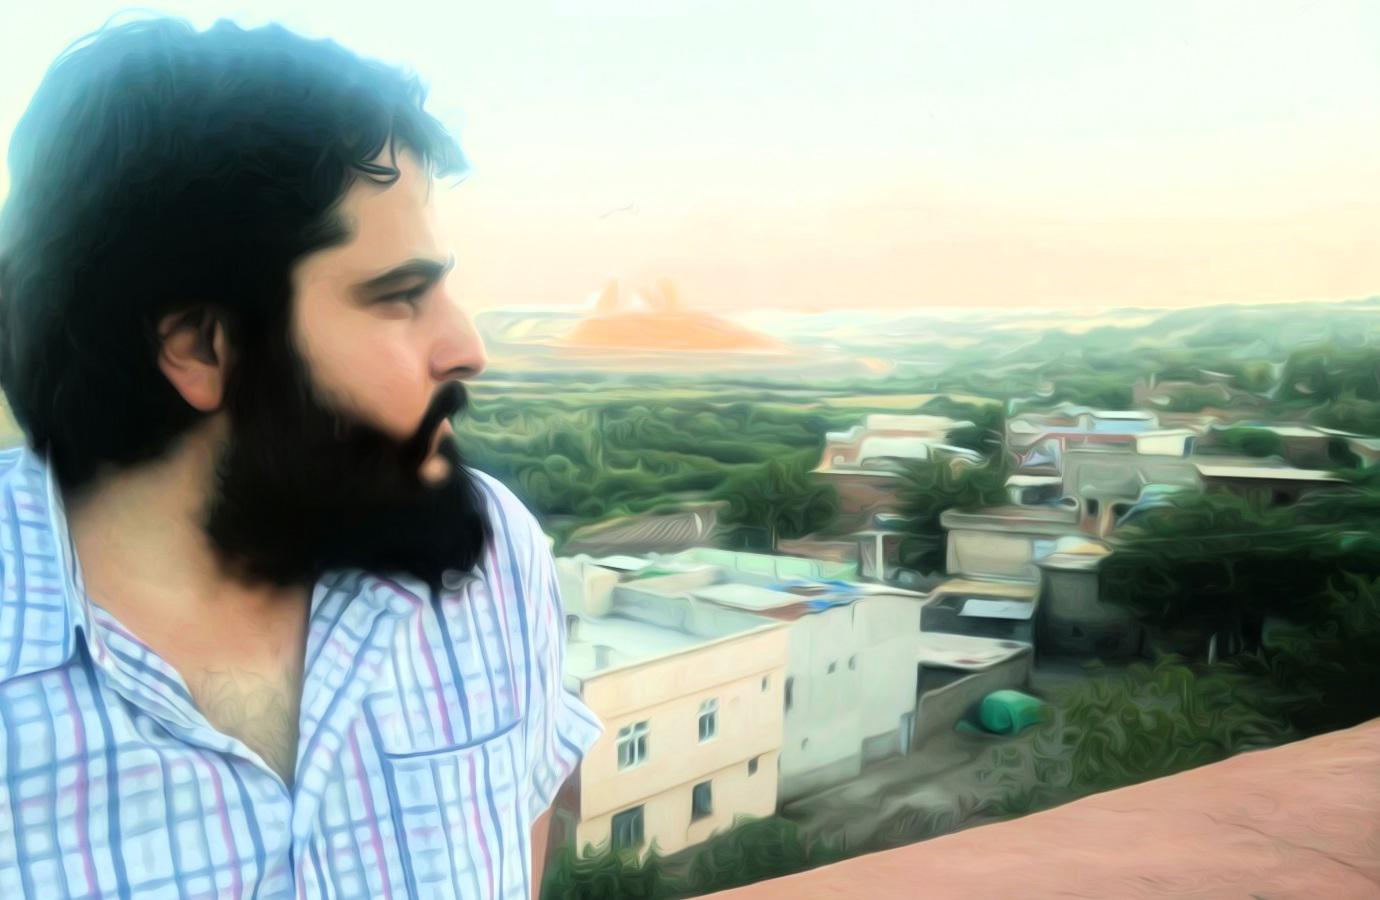 IMG 20170802 WA0070 - Şair Bilal Yavuz'dan şiirler